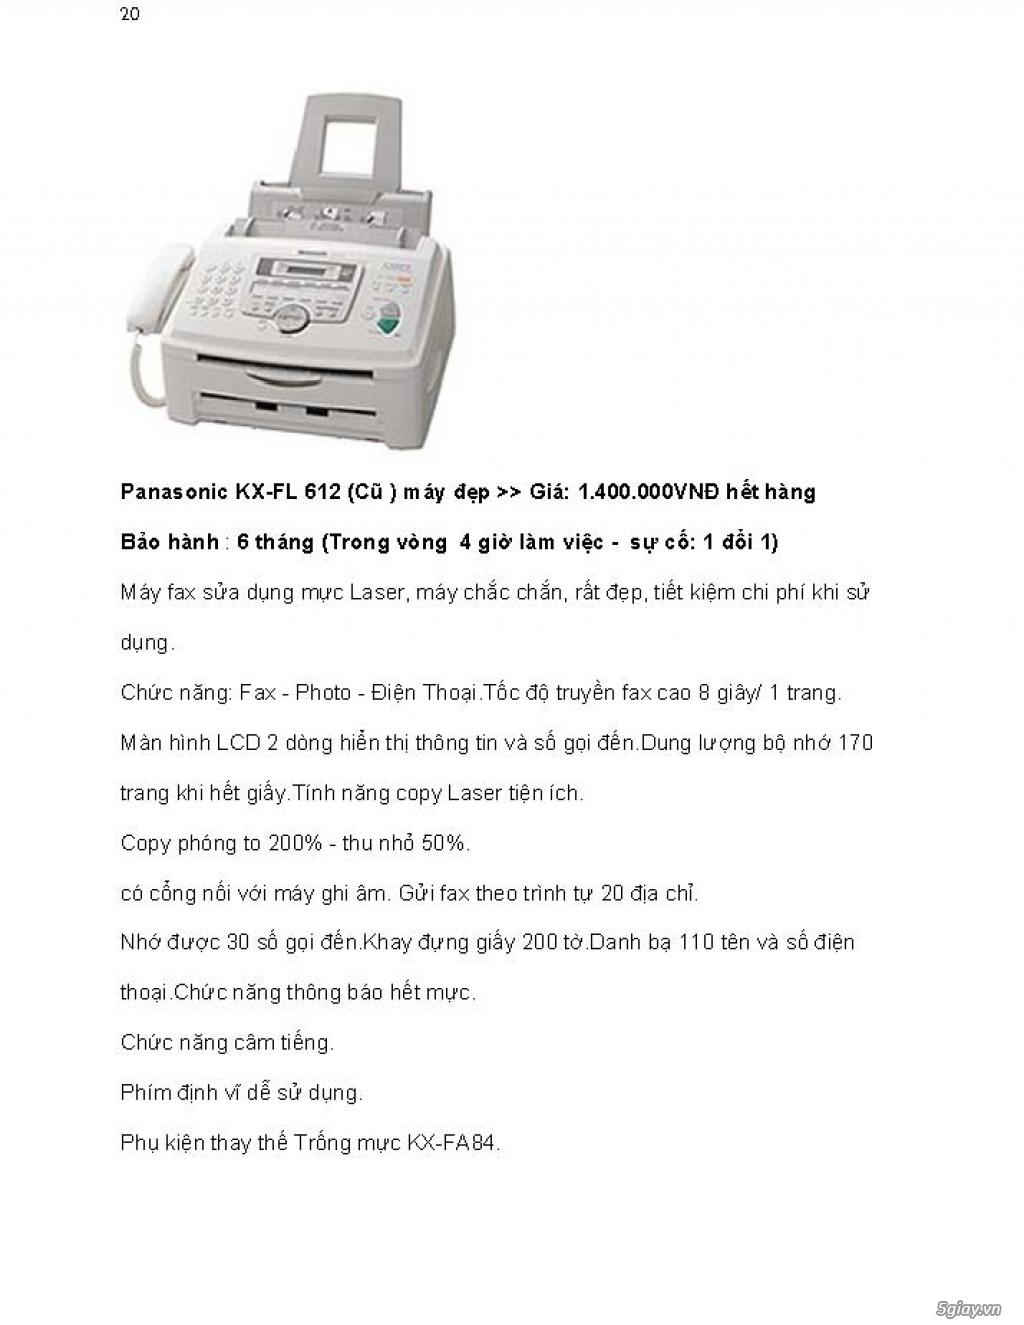 Sửa chữa Bộ Đàm,Máy Fax,Tổng Đài - 31